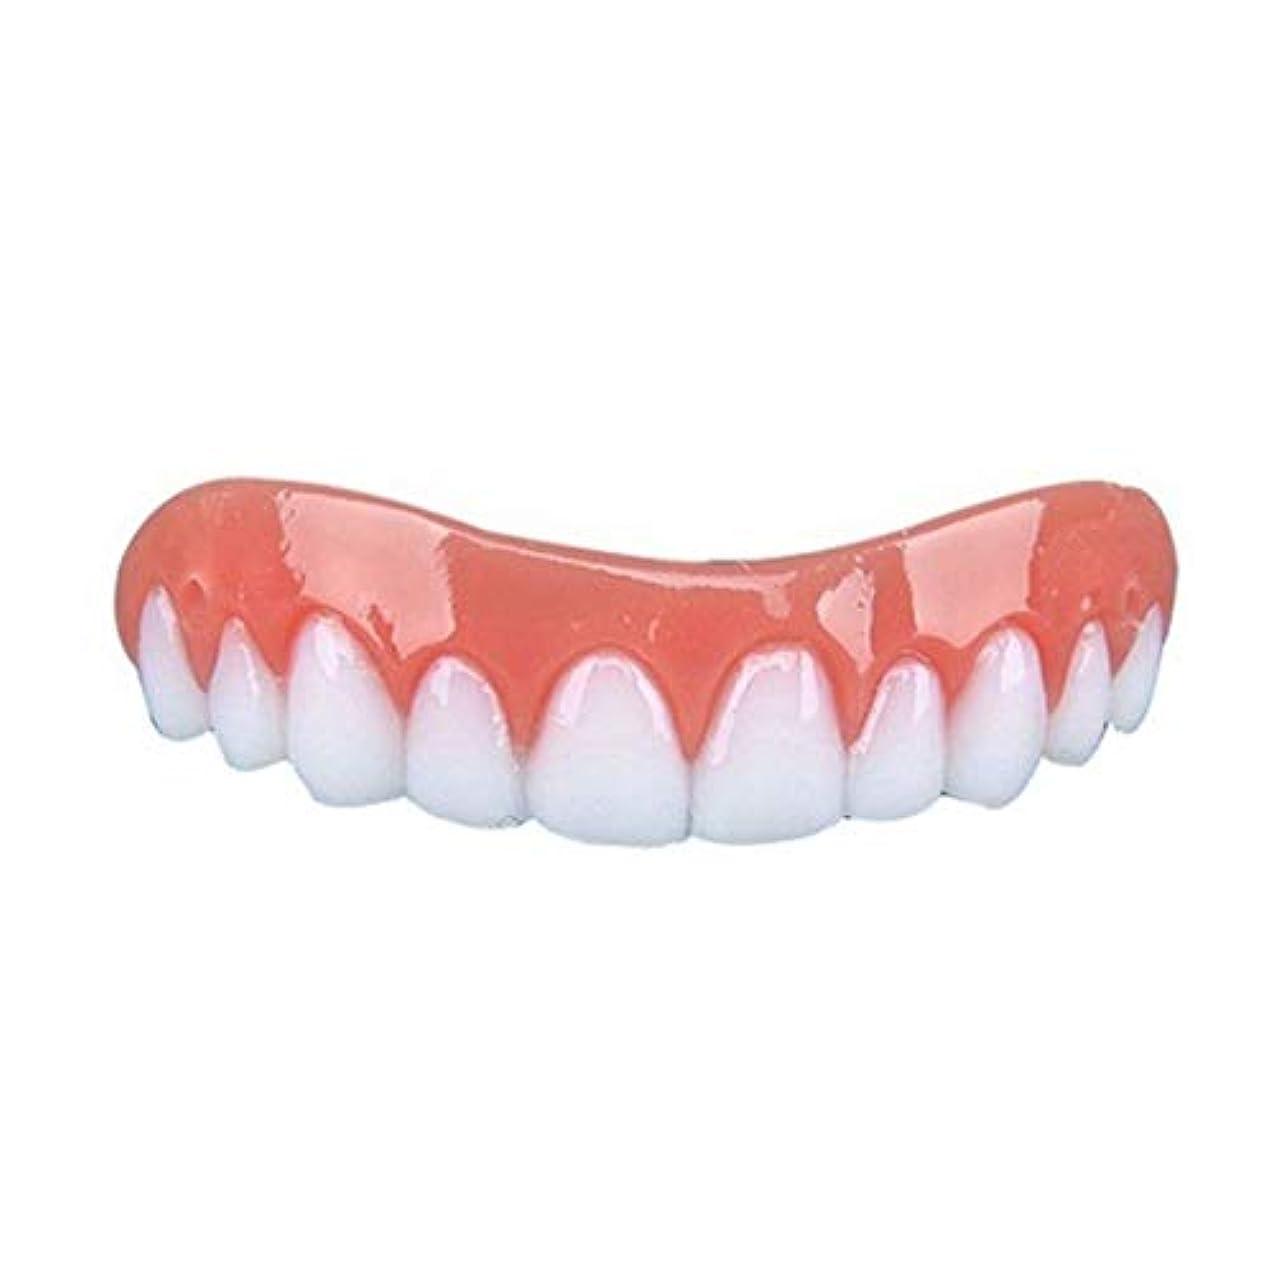 Bartram 歯カバー シリコン義歯ペースト 上歯 笑顔を保つ 歯保護 美容用 入れ歯 矯正義歯